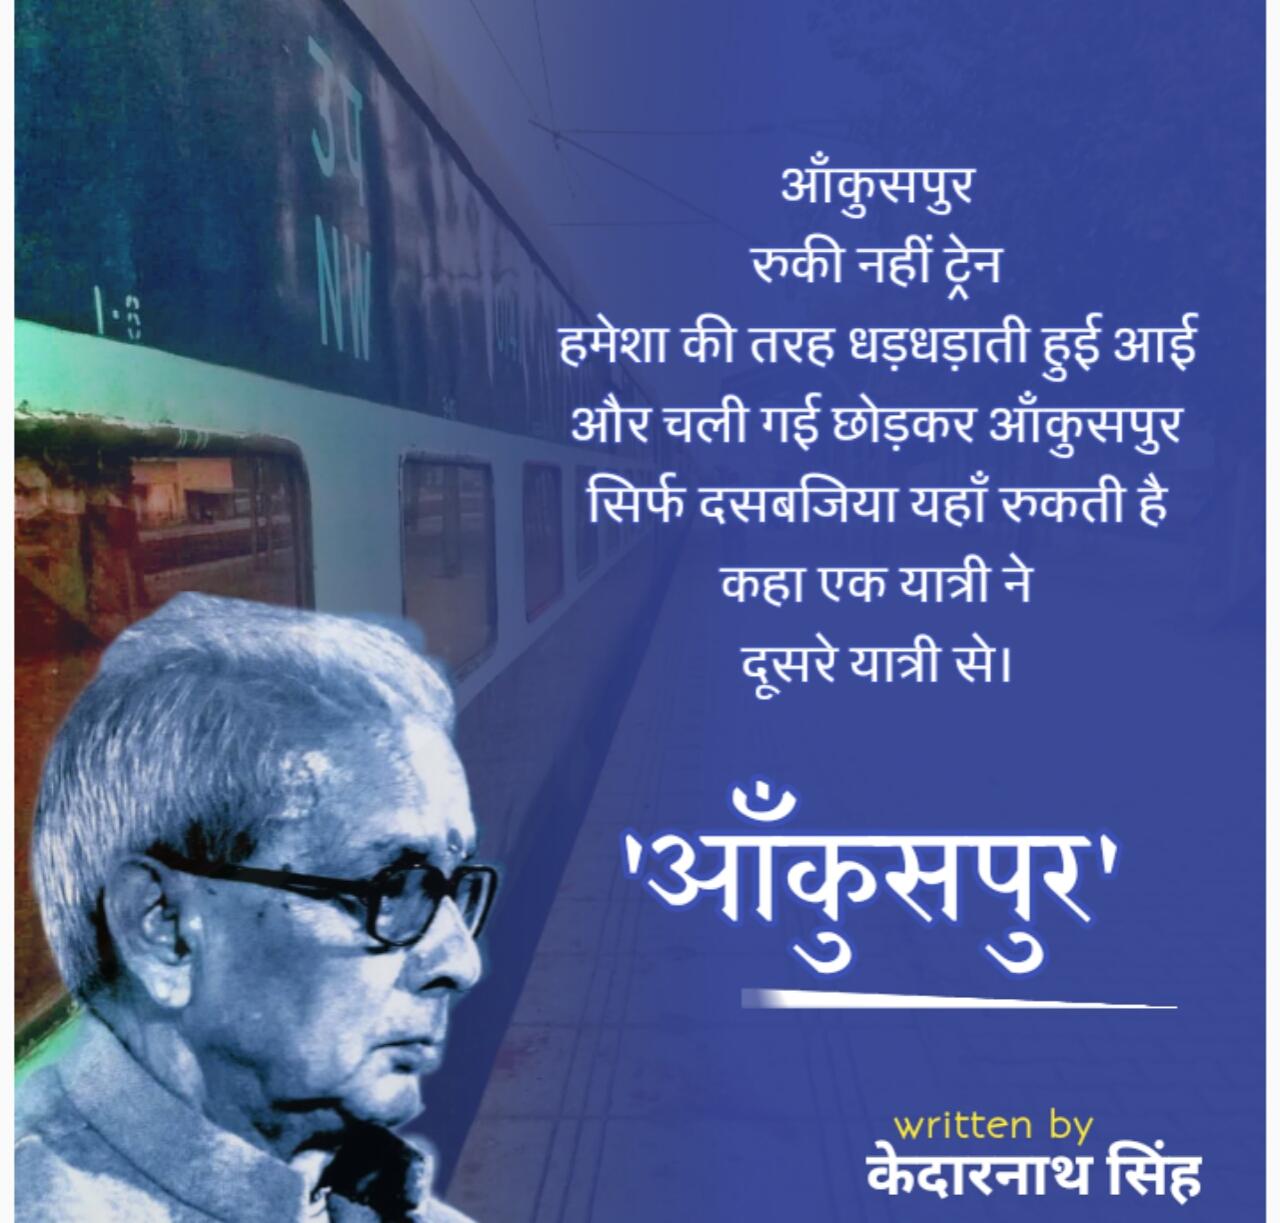 'आँकुसपुर' कविता केदारनाथ सिंह जी द्वारा लिखी गई एक हिन्दी कविता है। आँकुसपुर' कविता 'अकाल में सारस' नामक कविता-संग्रह में संकलित एक हिन्दी कविता है।